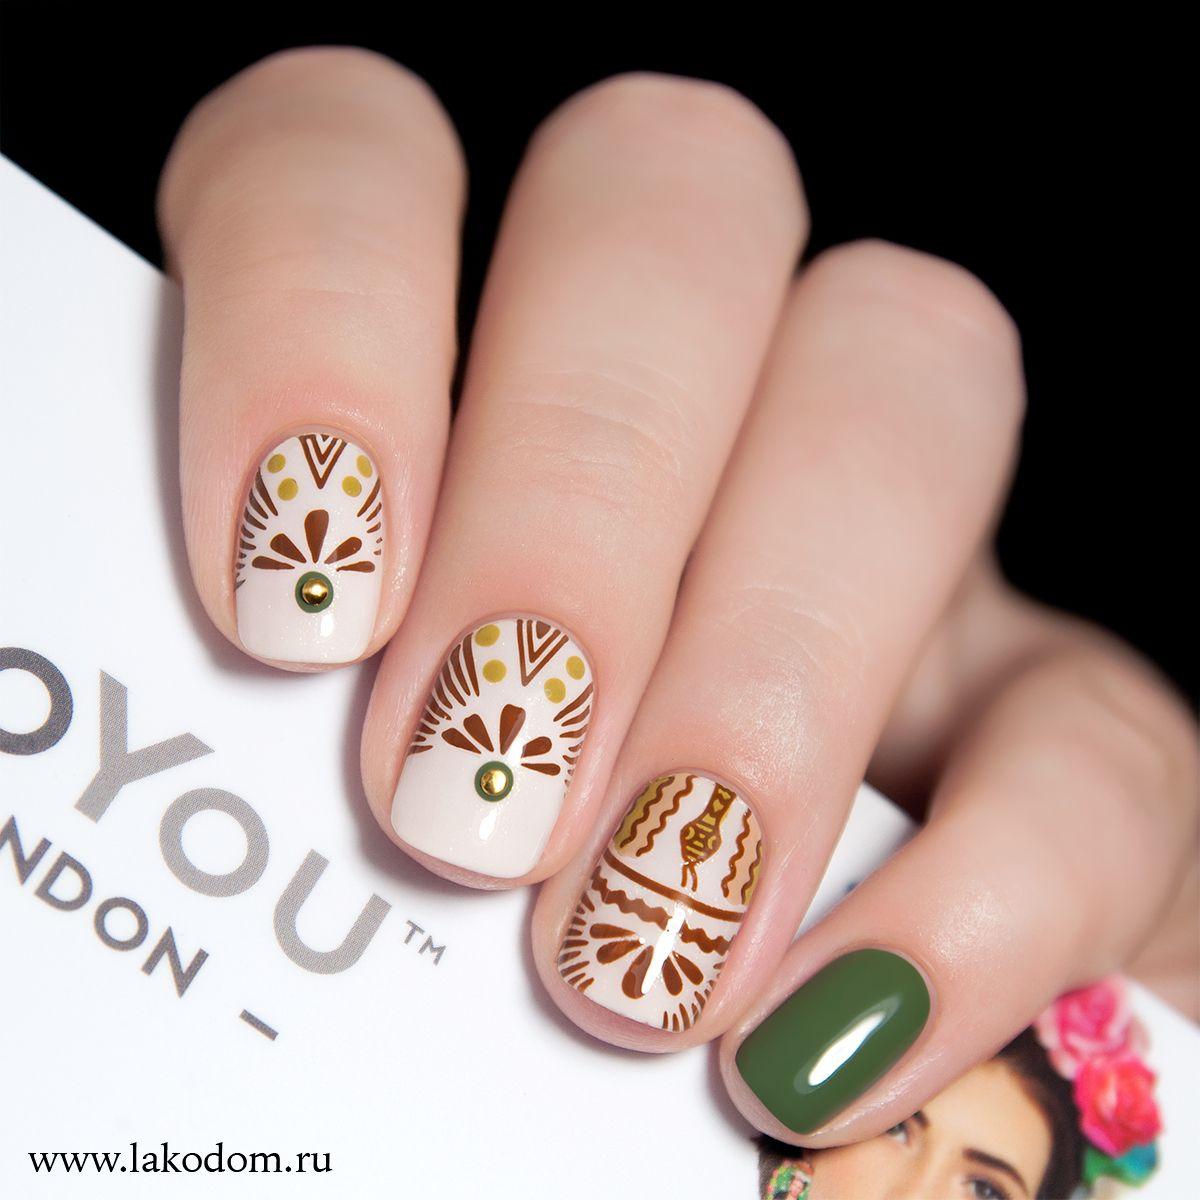 Mexico 04 | Diseños de uñas, Decoración de uñas y Otoño invierno